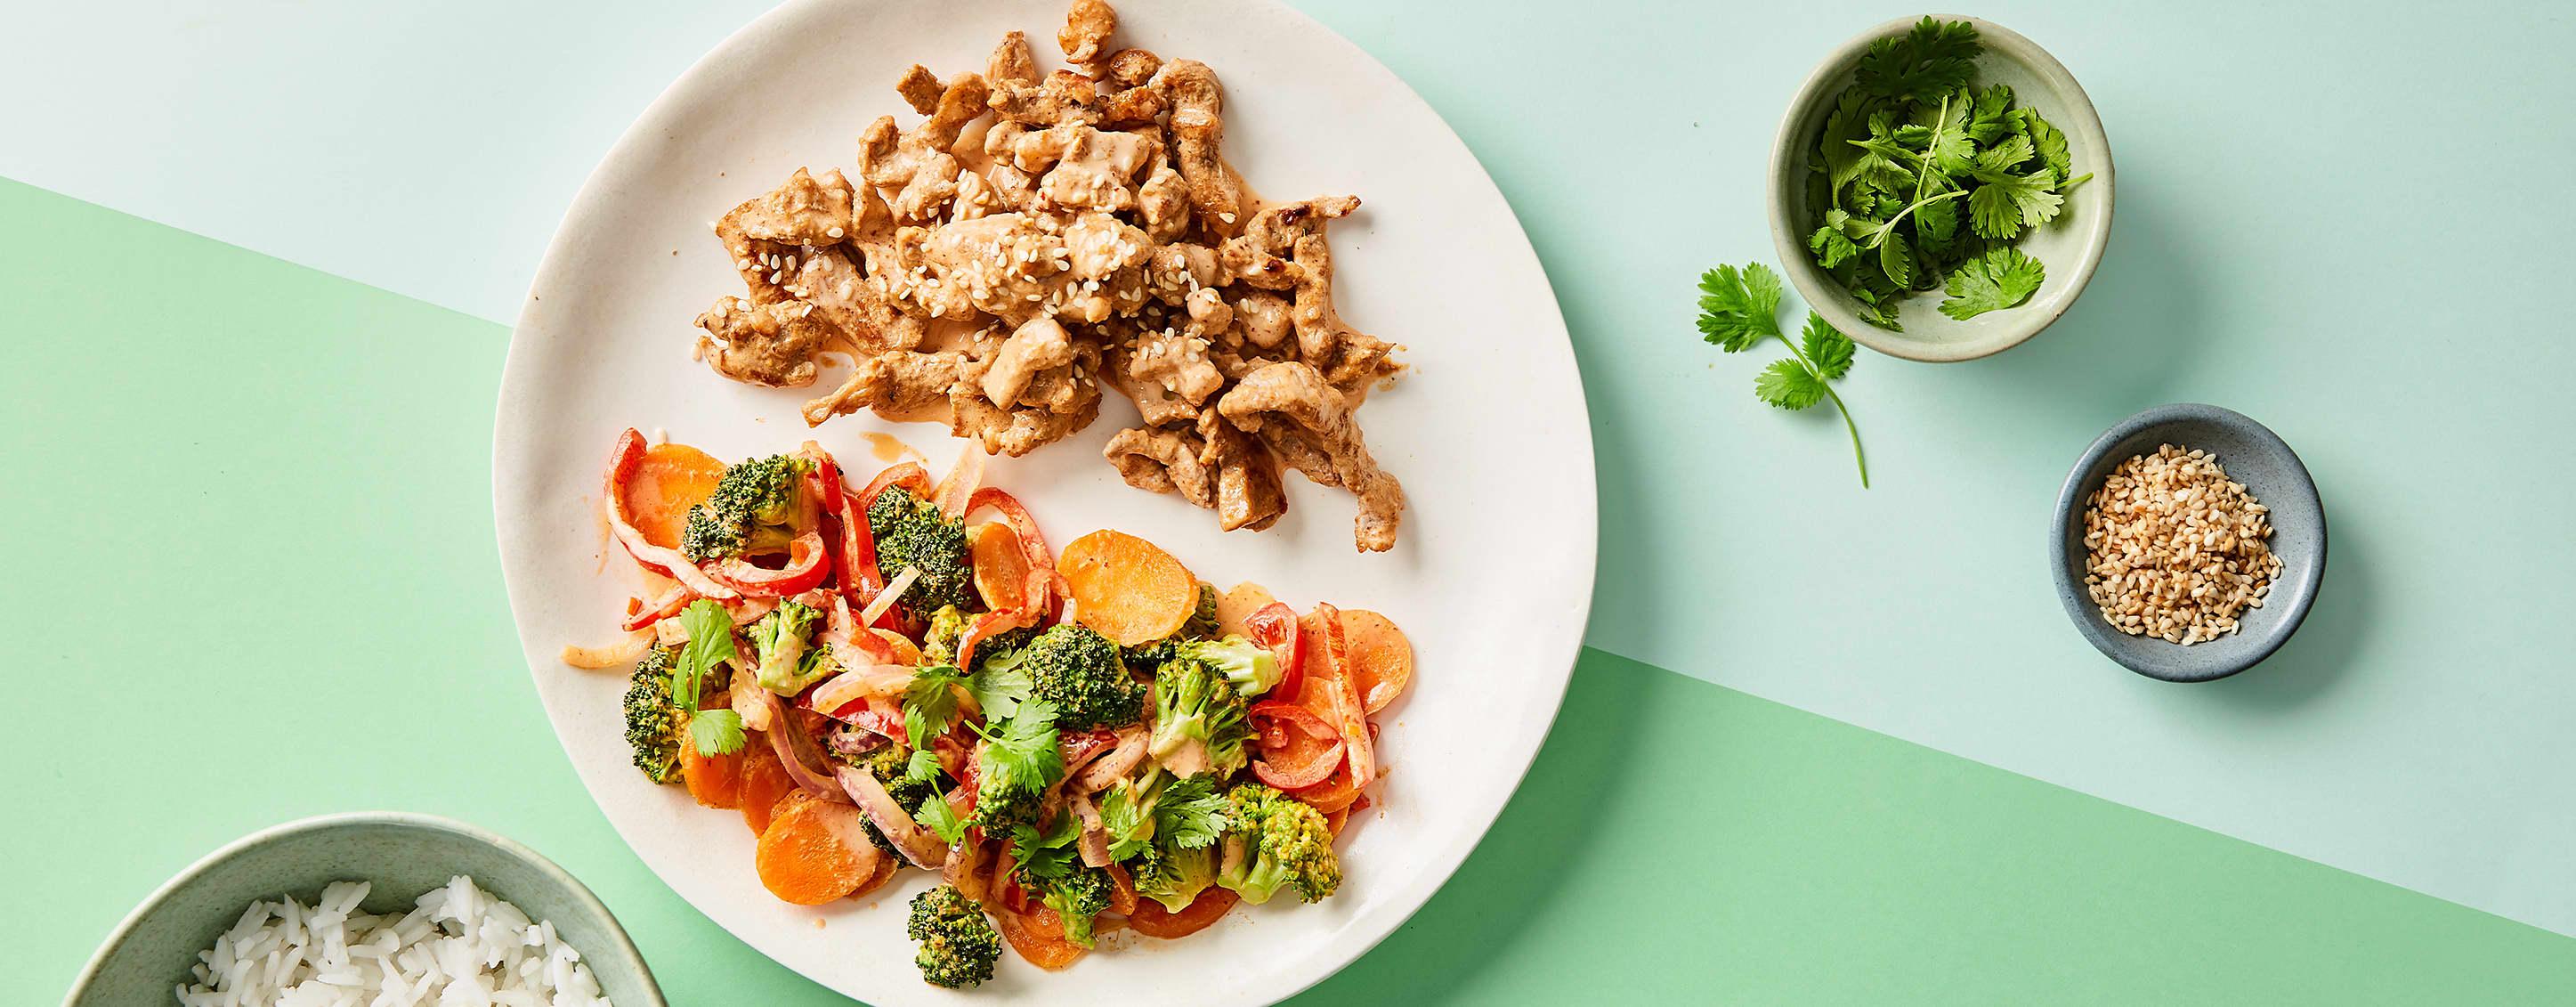 Middag for én: Wok med grønnsaker og strimlet svinekjøtt